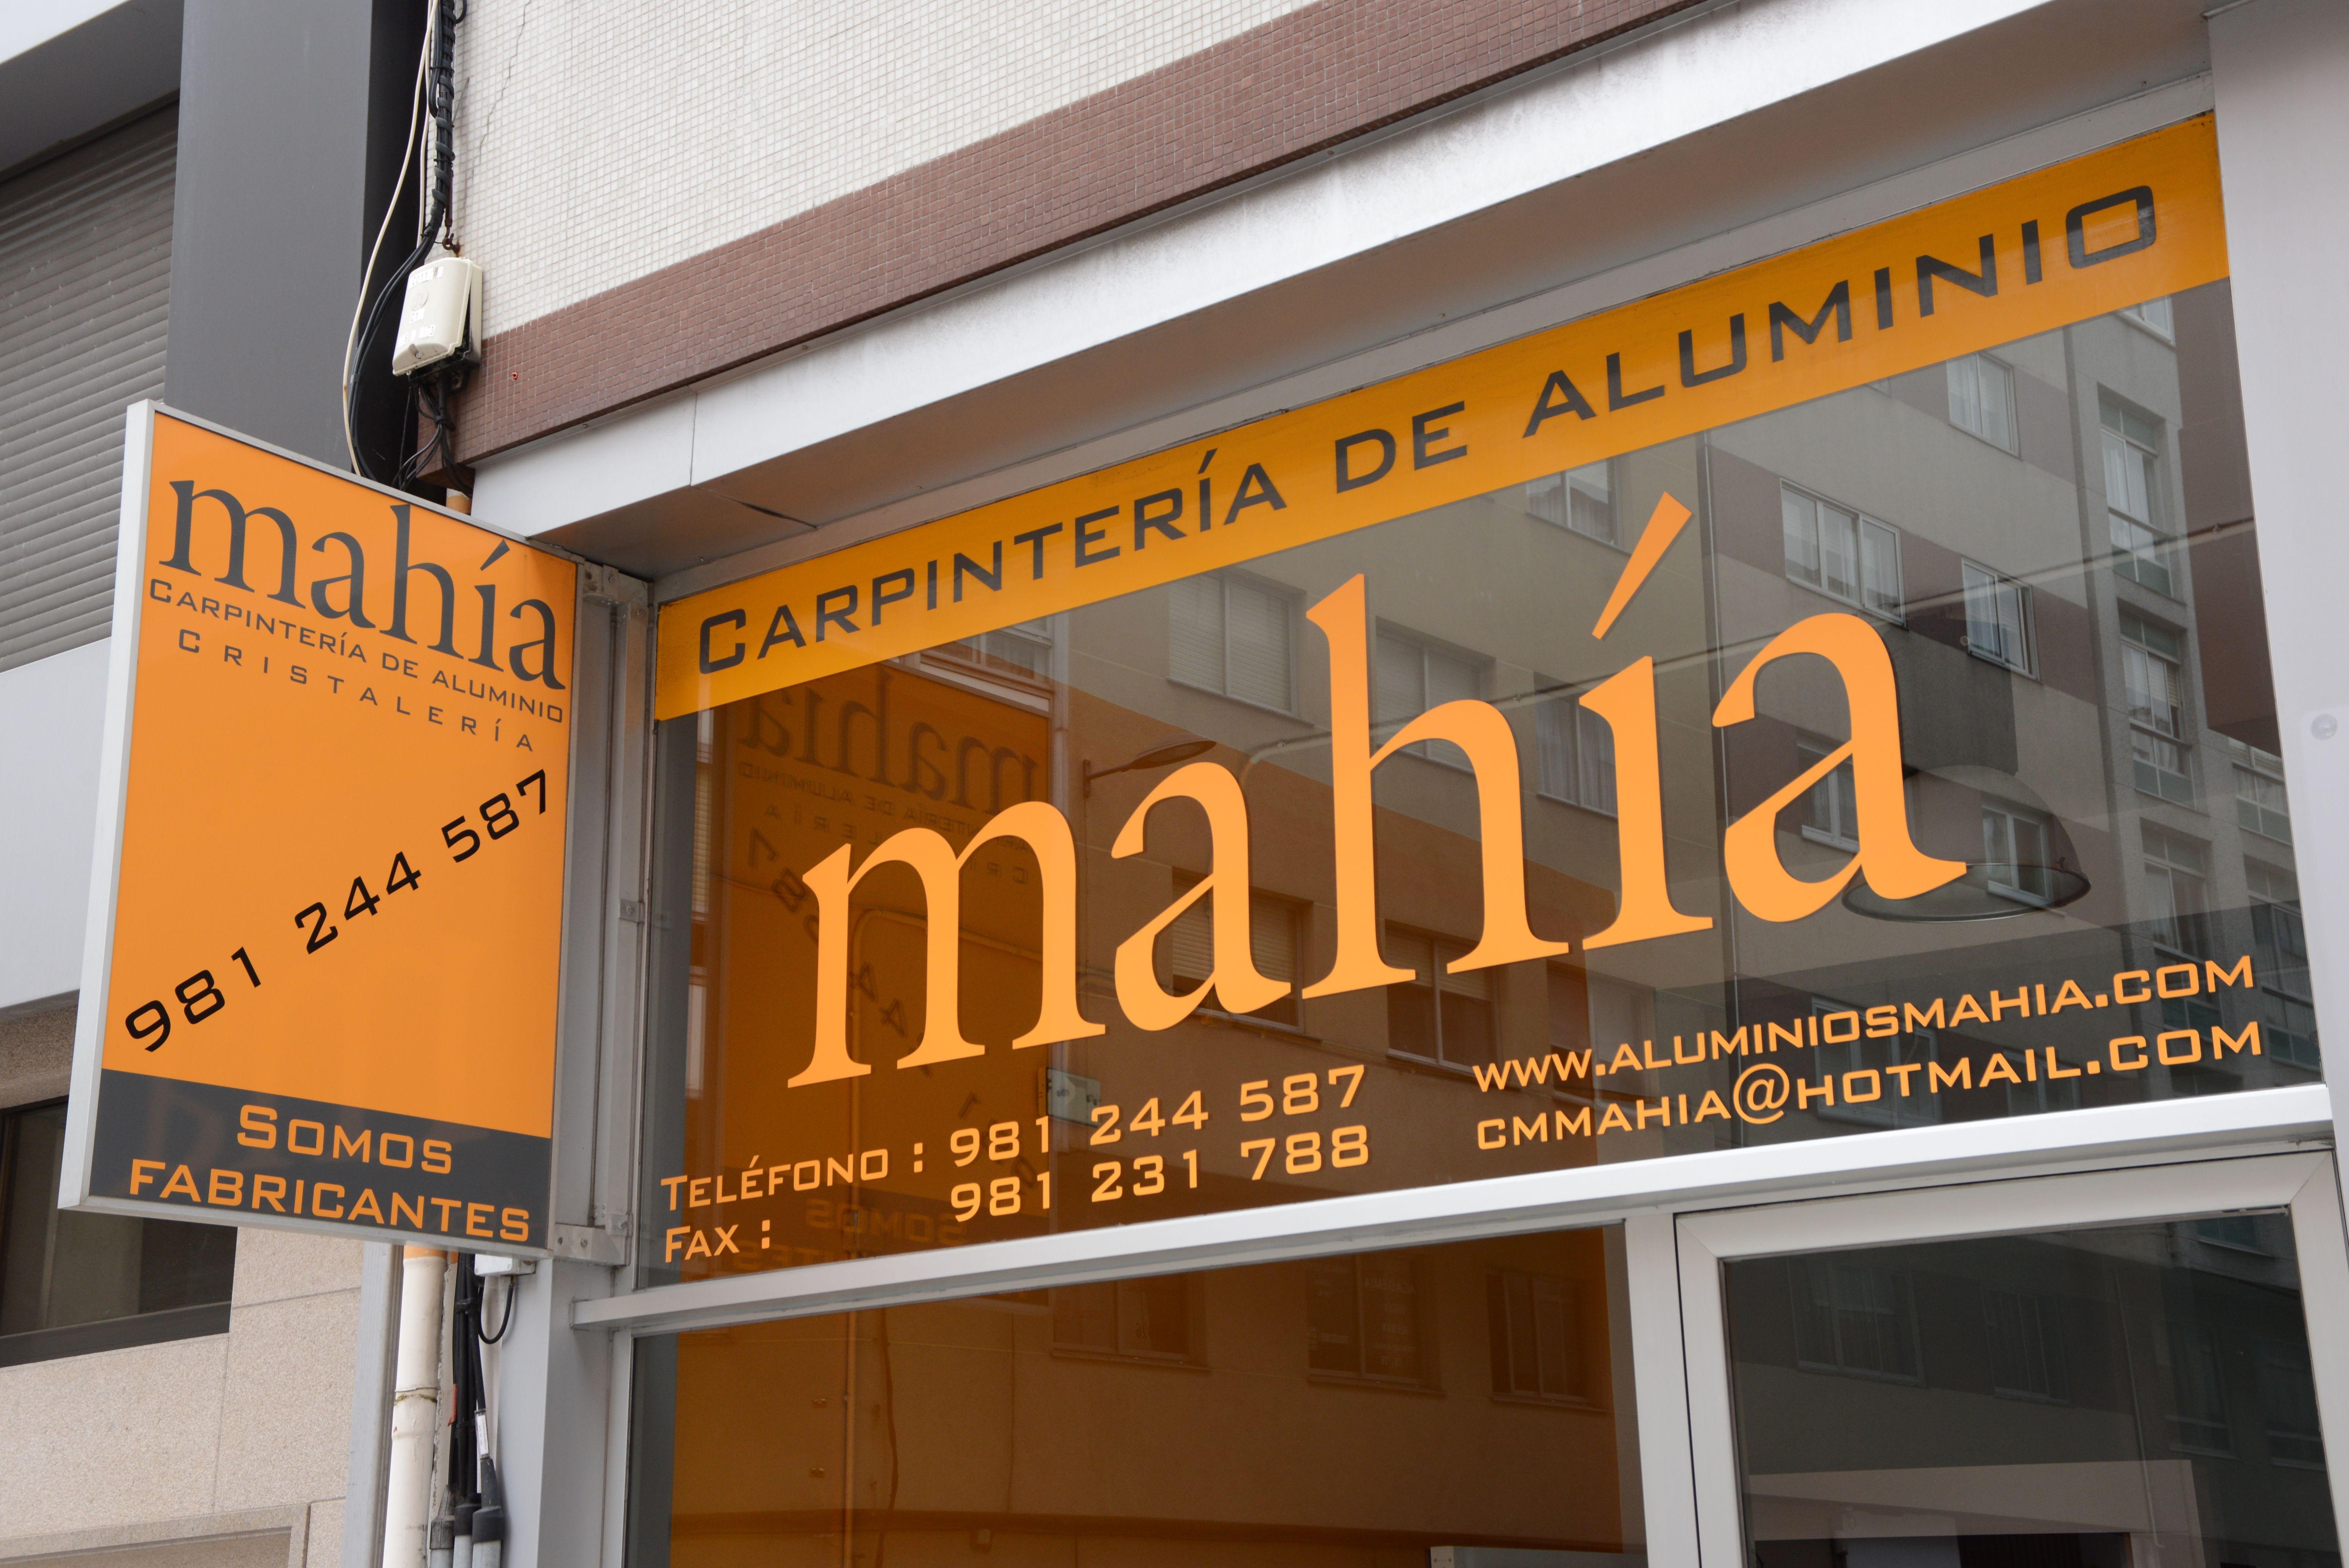 Carpintería aluminio A Coruña